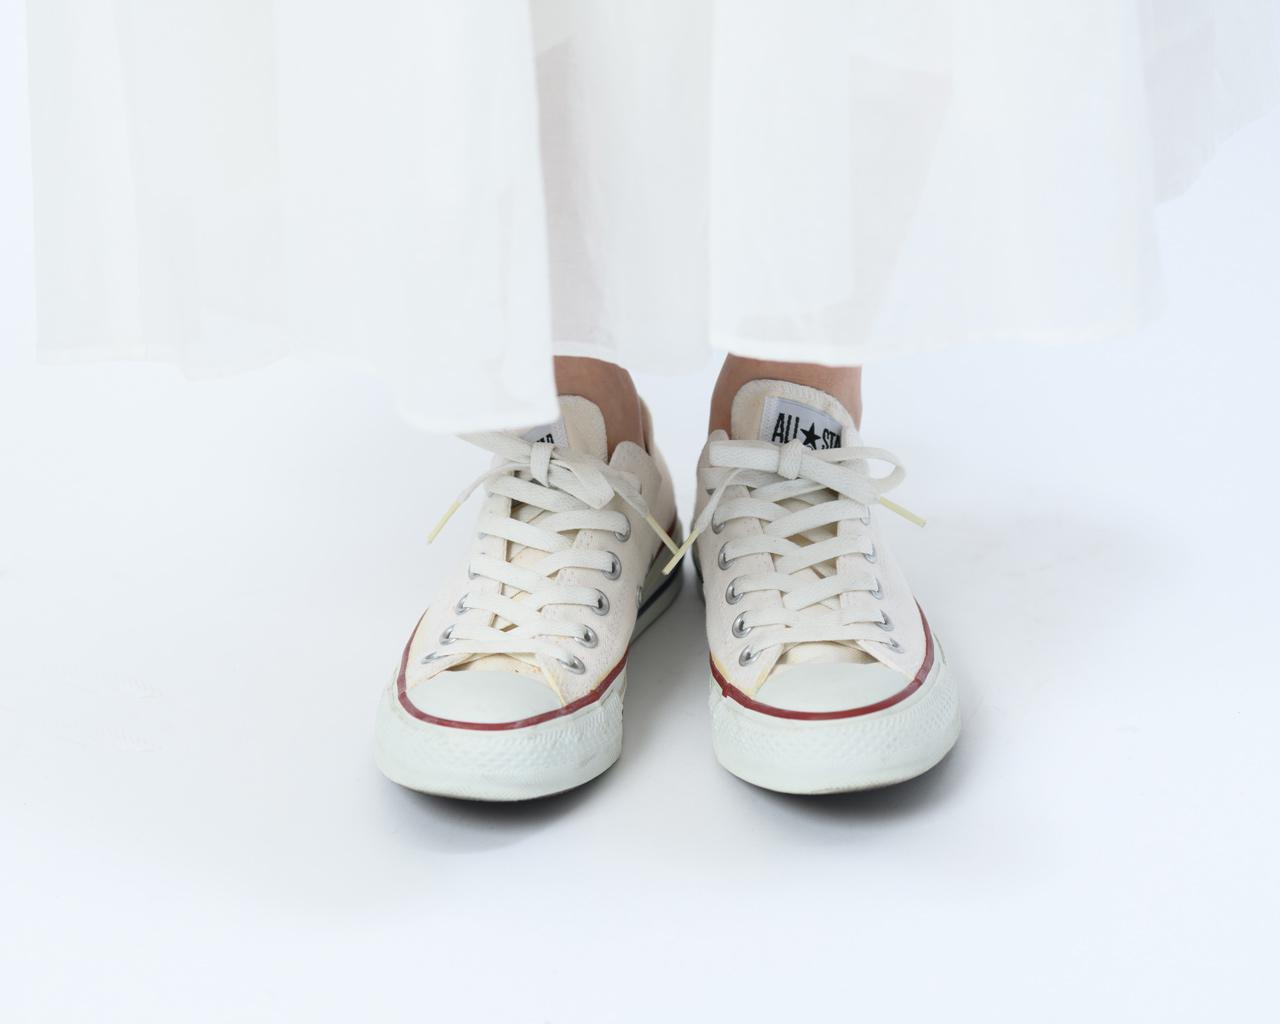 画像: 靴ひもがゆるい状態(前から見たところ)